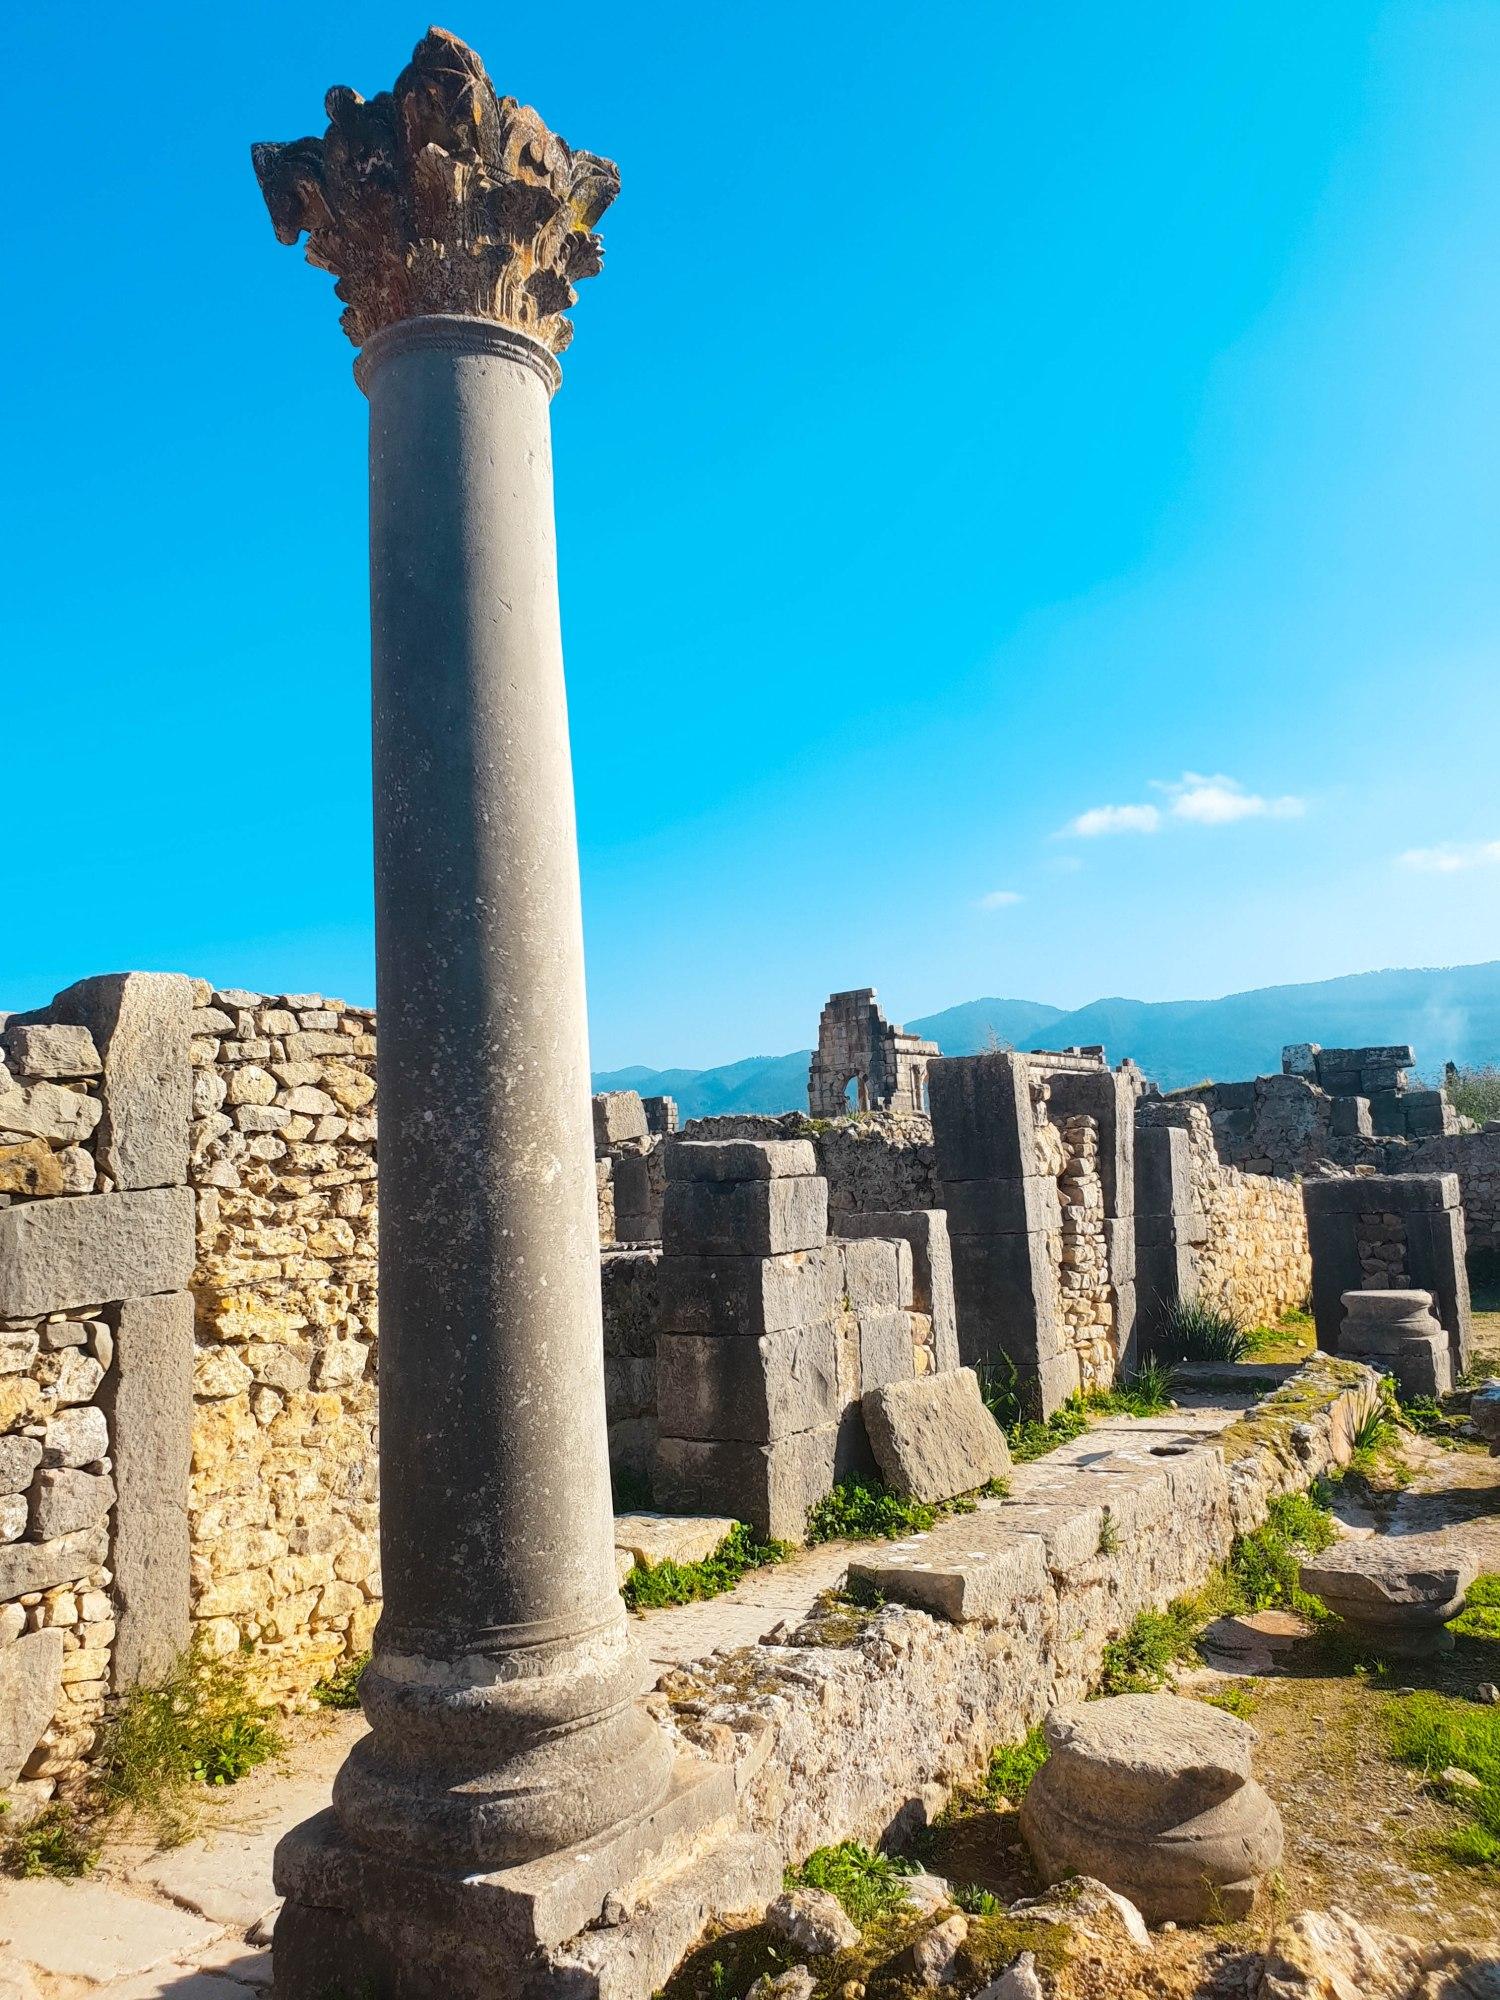 Une colonne et des édifices en ruines sur le site archéologique de Volubilis